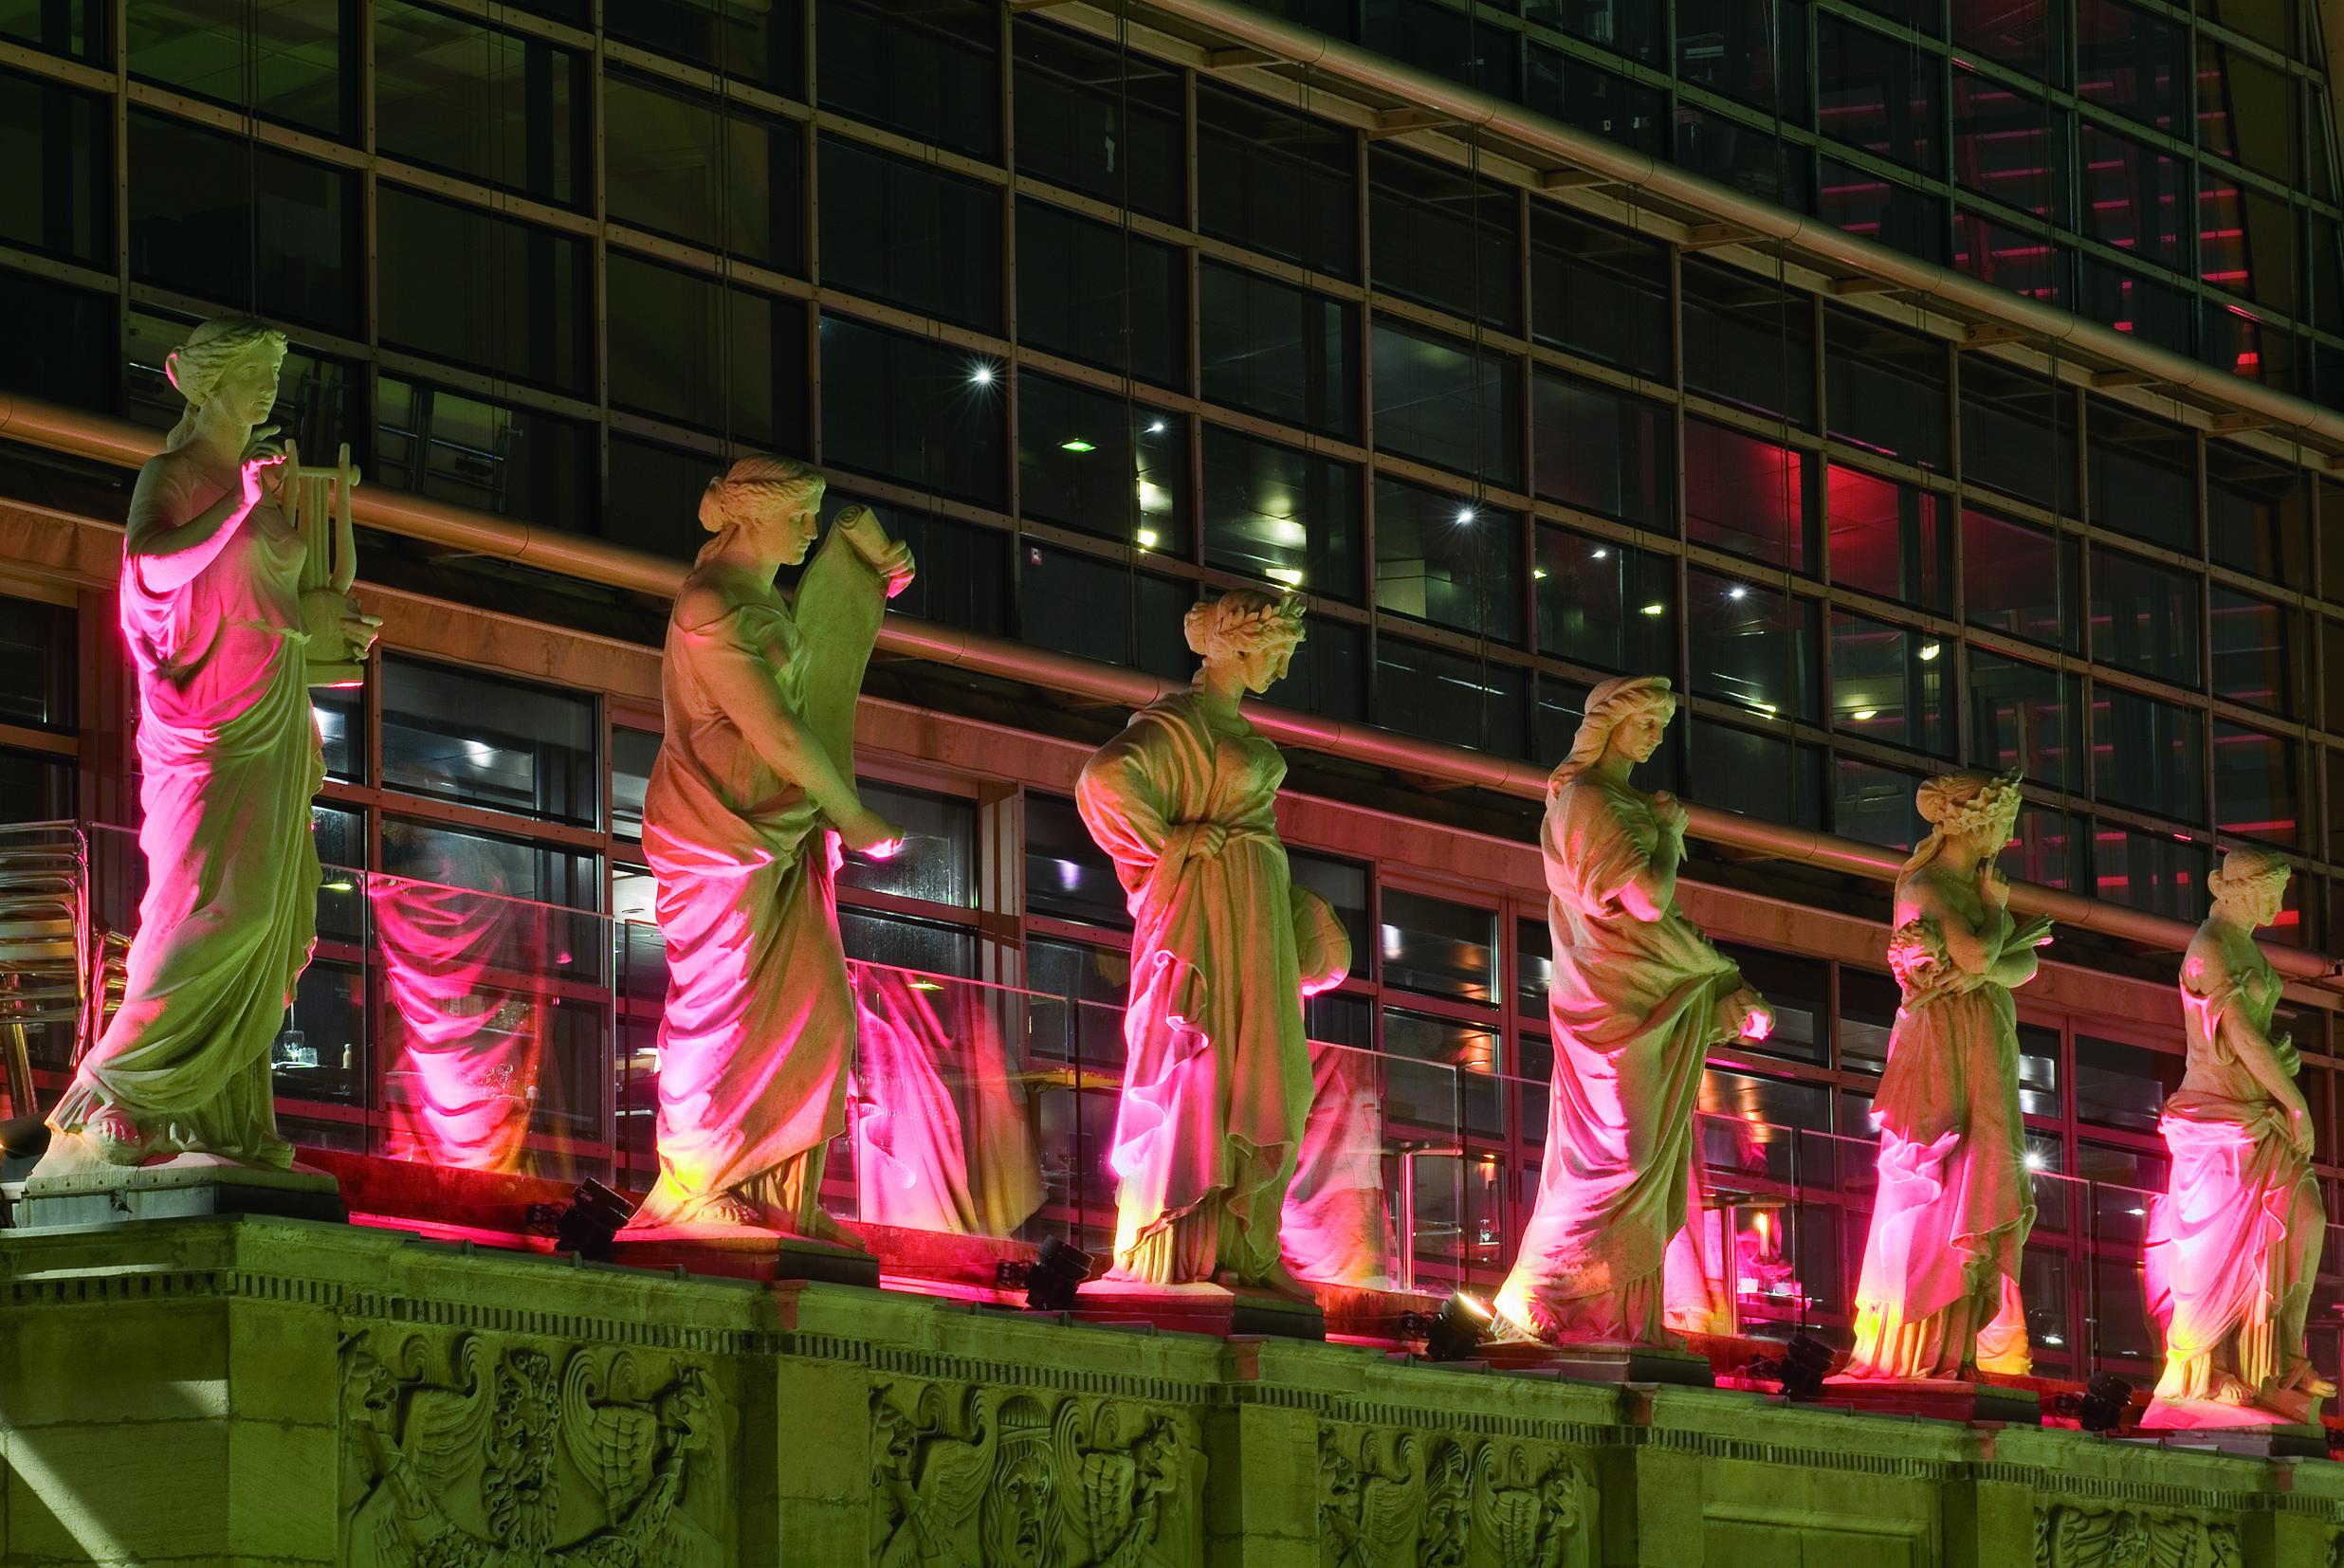 Statuts muses de l'opéra de Lyon